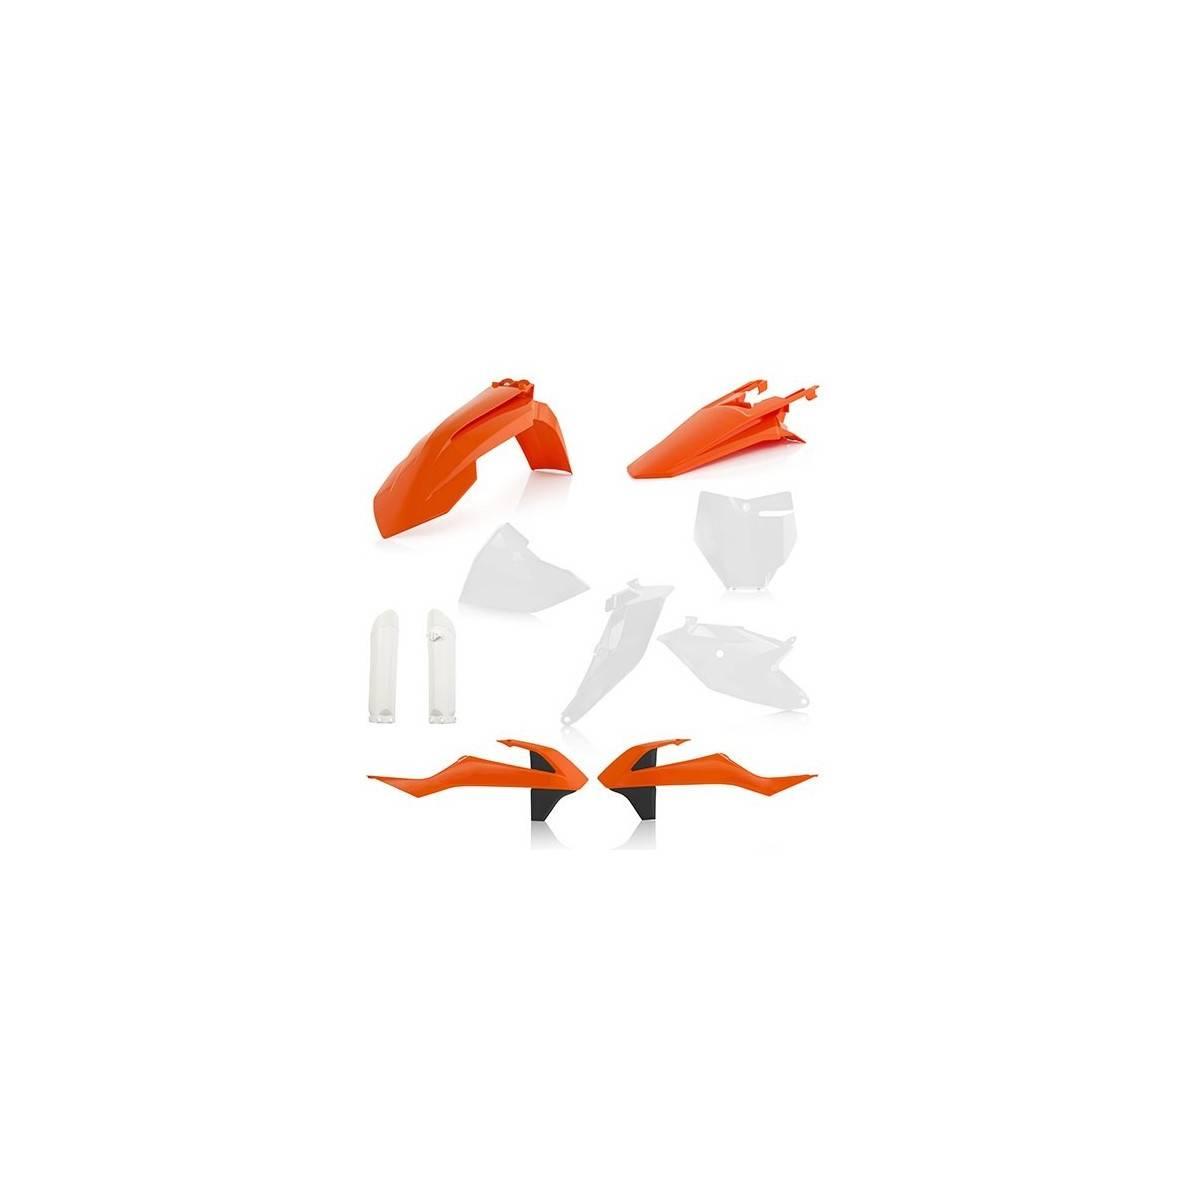 0022531-553 - Full Kit Plasticos Crf450 17 18 Origen